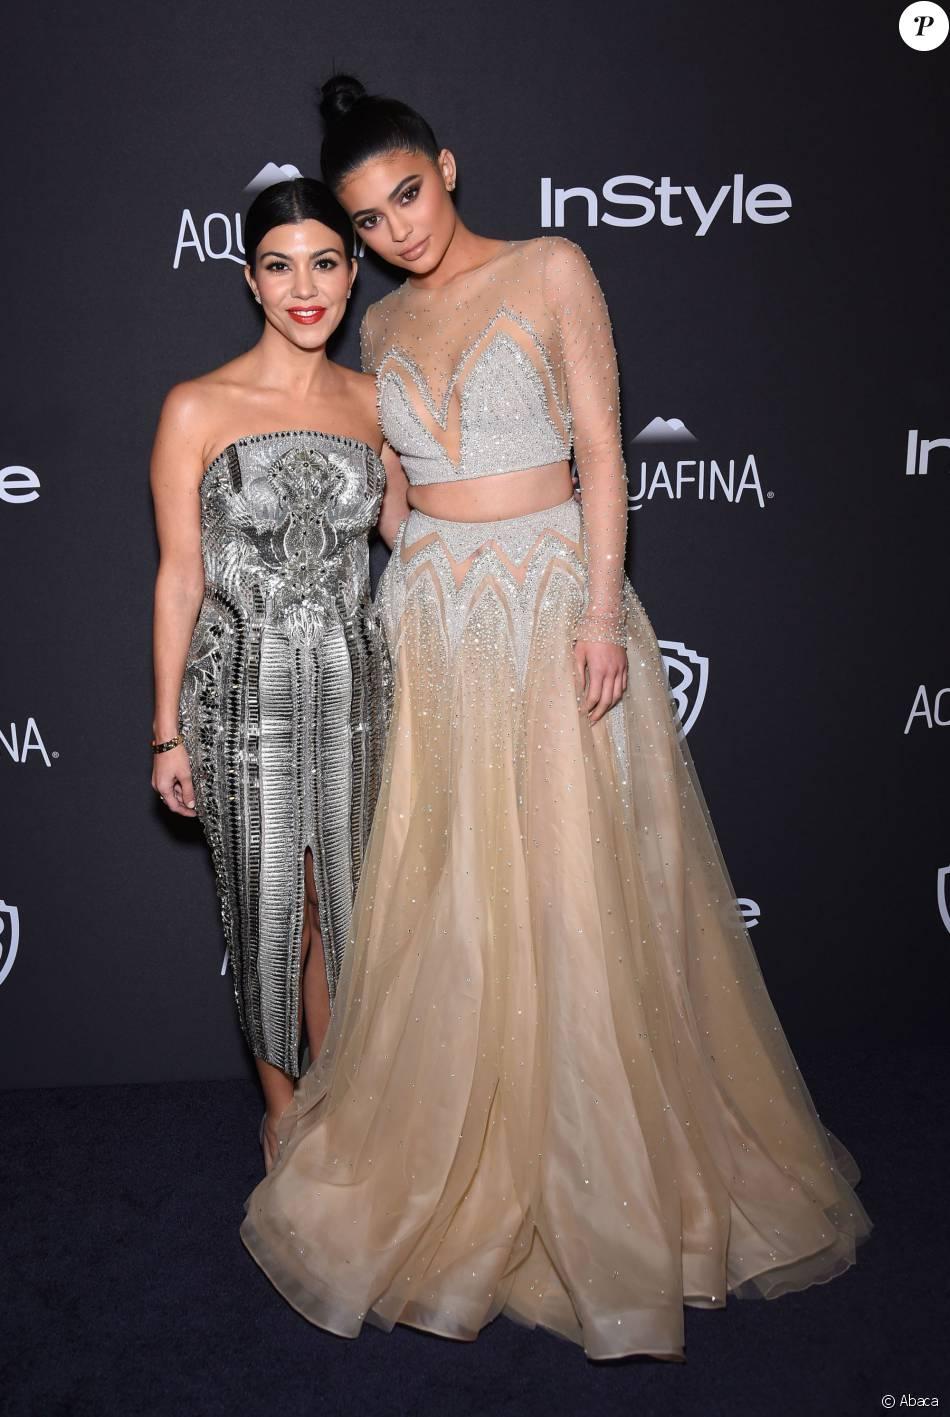 Kourtney Kardashian et Kylie Jenner à la soirée InStyle et Warner Bros pour l'after-party des Golden Globes au Beverly Hilton Hotel de Los Angeles, le 10 janvier 2016.